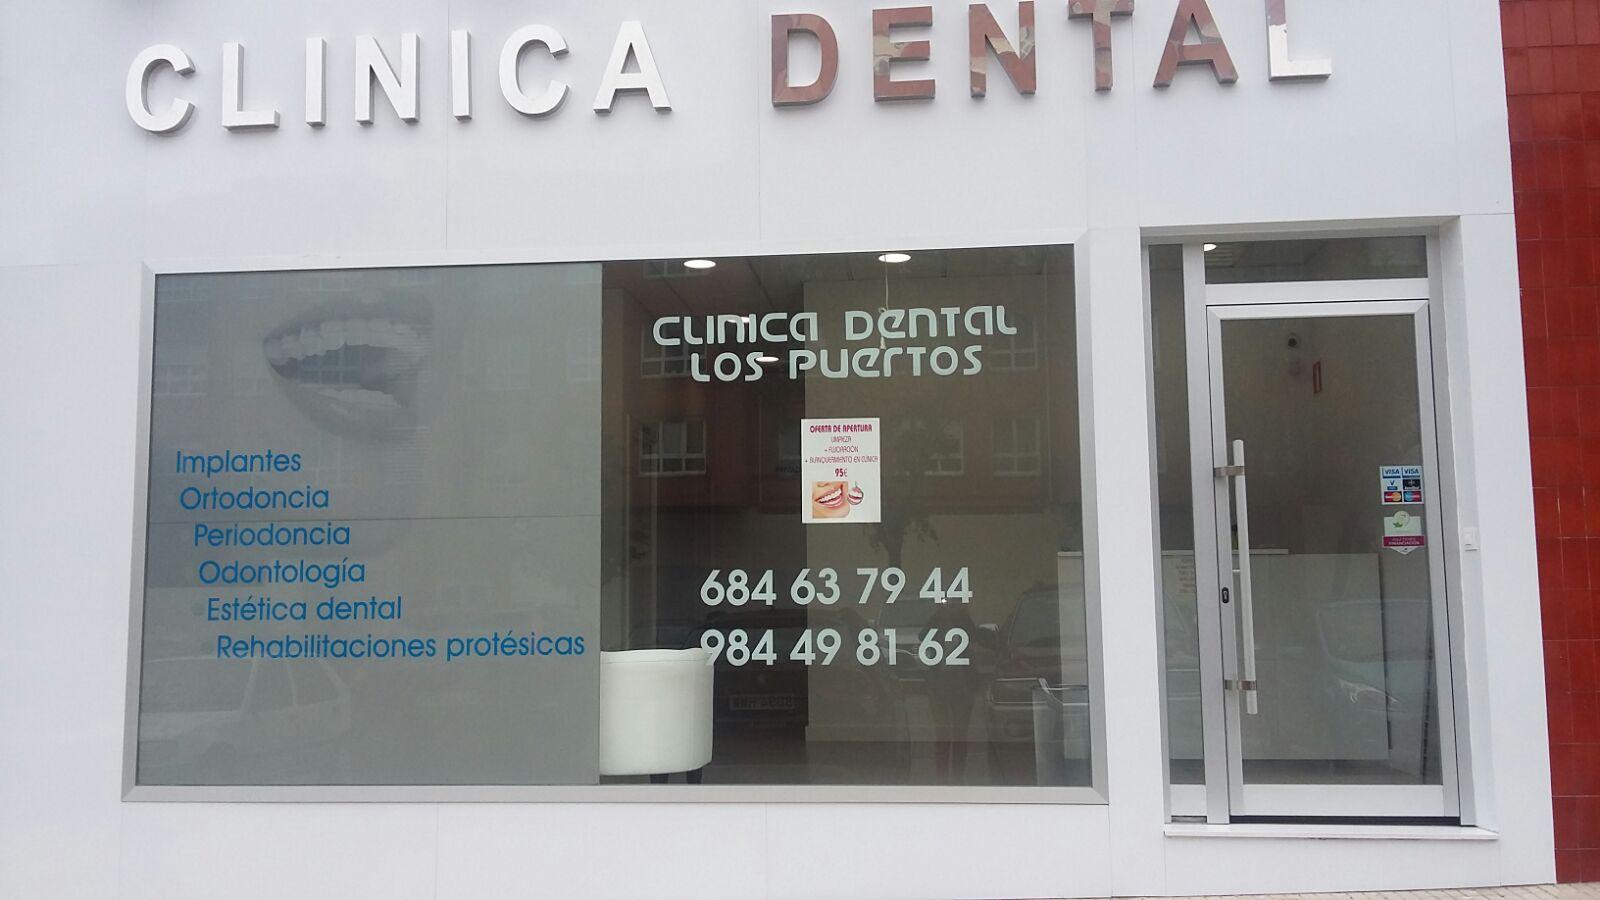 CLINICA DENTAL LOS PUERTOS